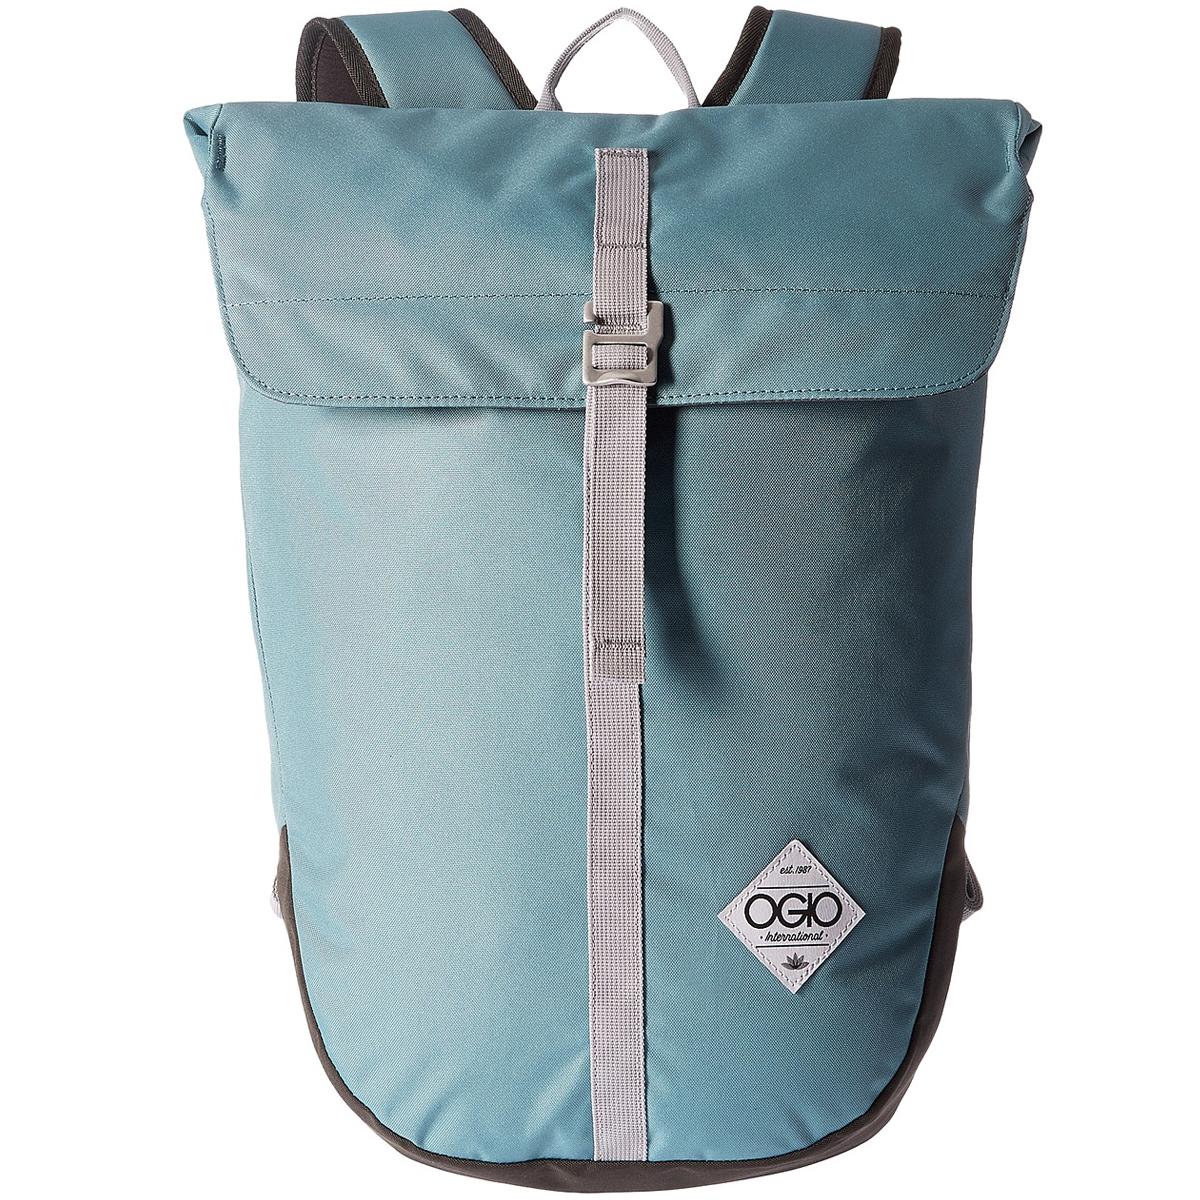 Рюкзак городской OGIO Active. Dosha Pack (A/S), цвет: голубой. 031652227569Z90 blackКомпактный женский рюкзак с уплотненным отделением для ноутбука до 15 дюймов. Оригинальная конструкция рюкзака совершенно не содержит молнии, а основное отделение закрывается клапаном с пряжкой. Стеганая задняя панель и плотные эргономичные лямки обеспечат комфорт во время переноски, сняв лишнюю нагрузку со спины, а стильный дизайн рюкзака позволит ему стать важной частью Вашего повседневного лука.